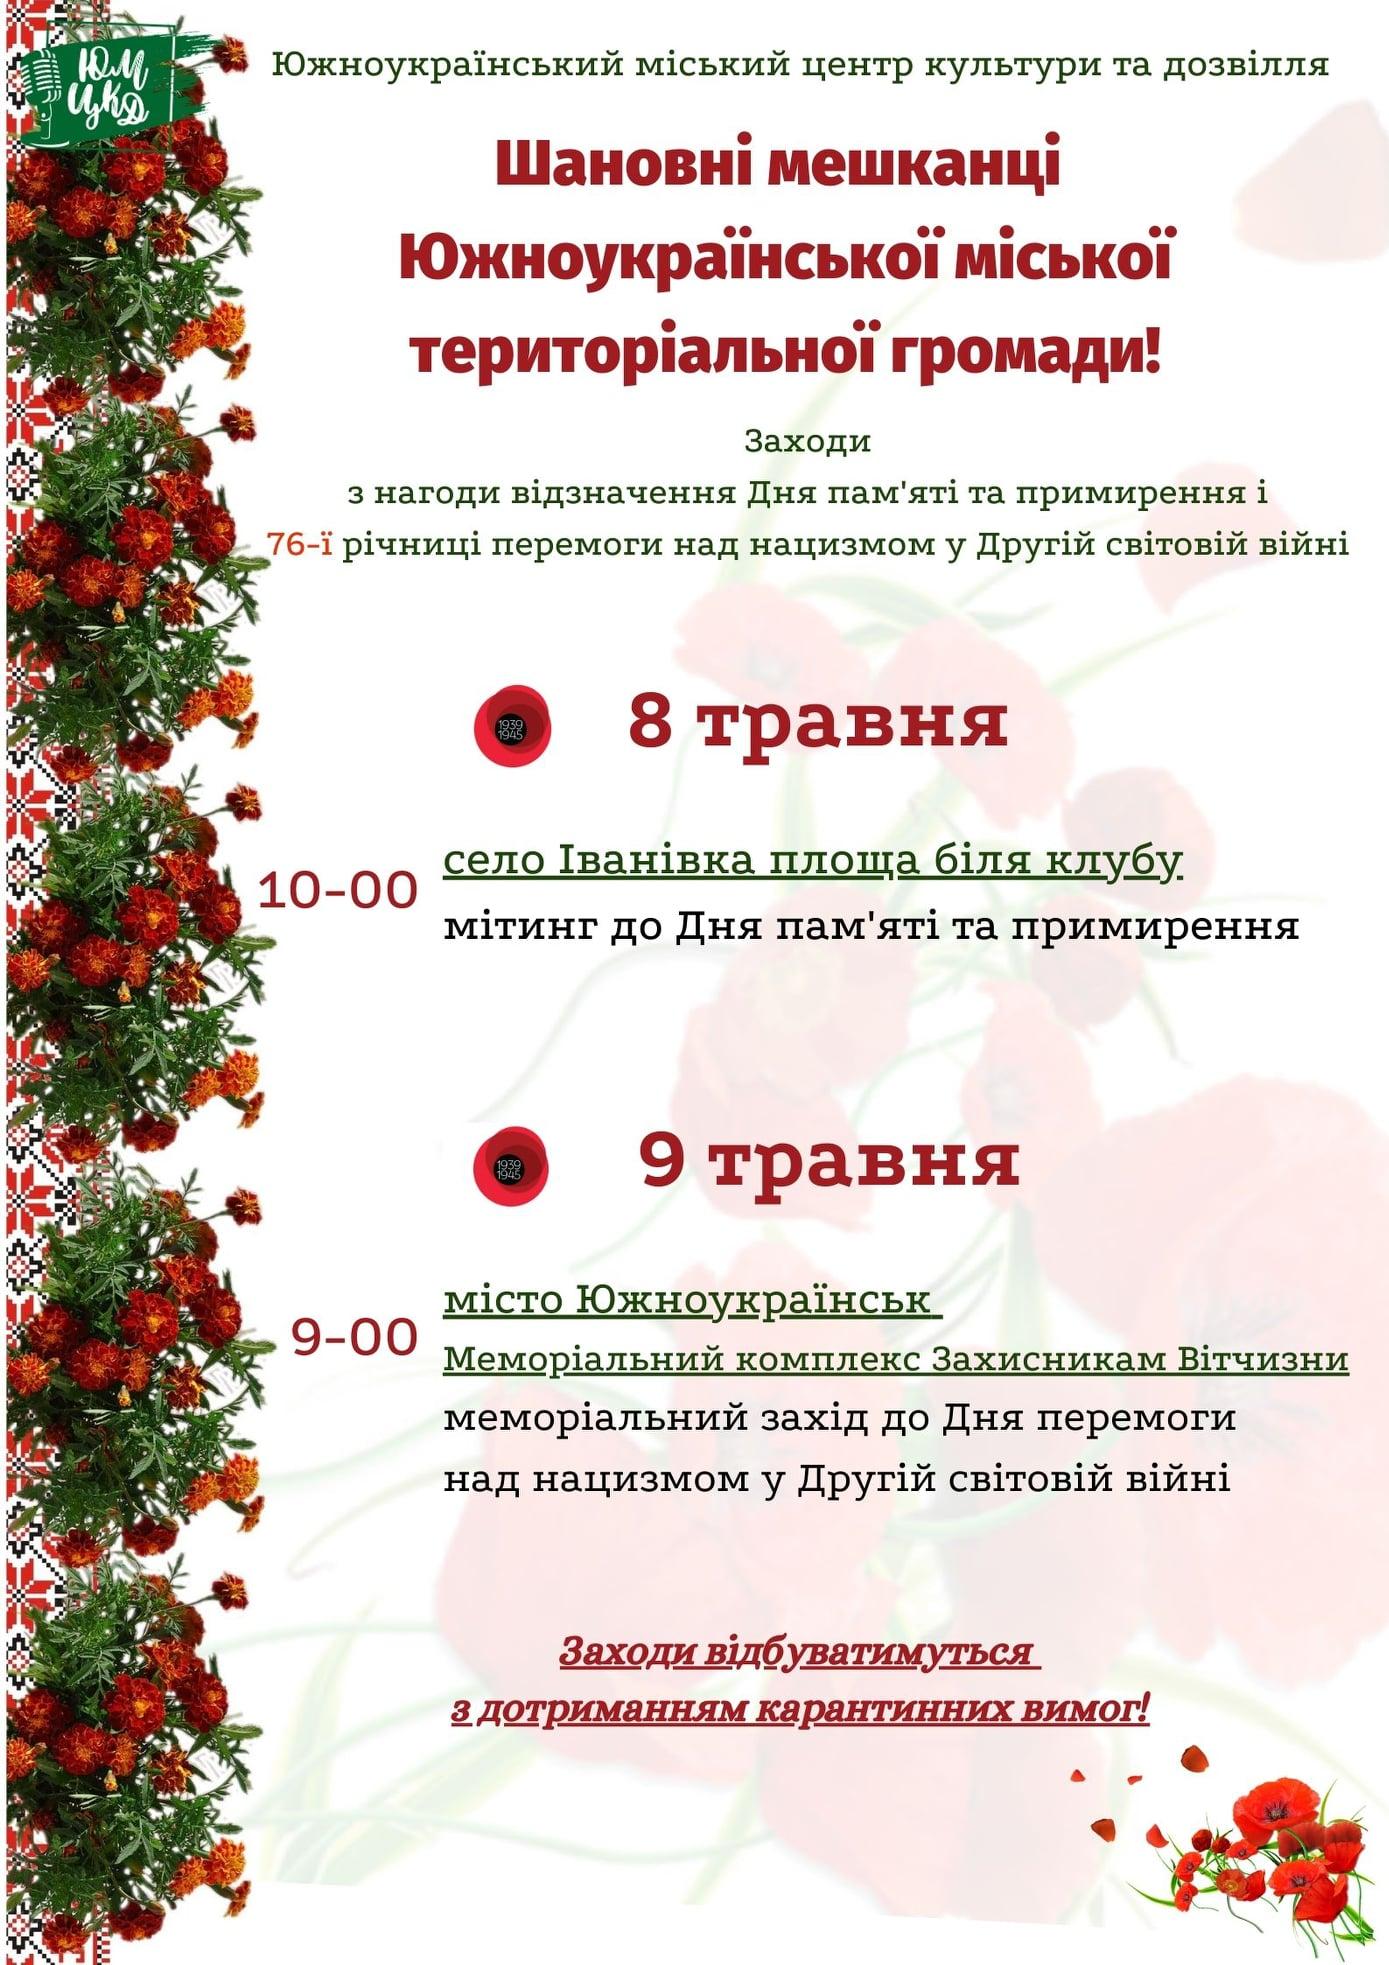 Южноукраїнський міський центр культури та дозвілля. Святкові заходи. Афіша